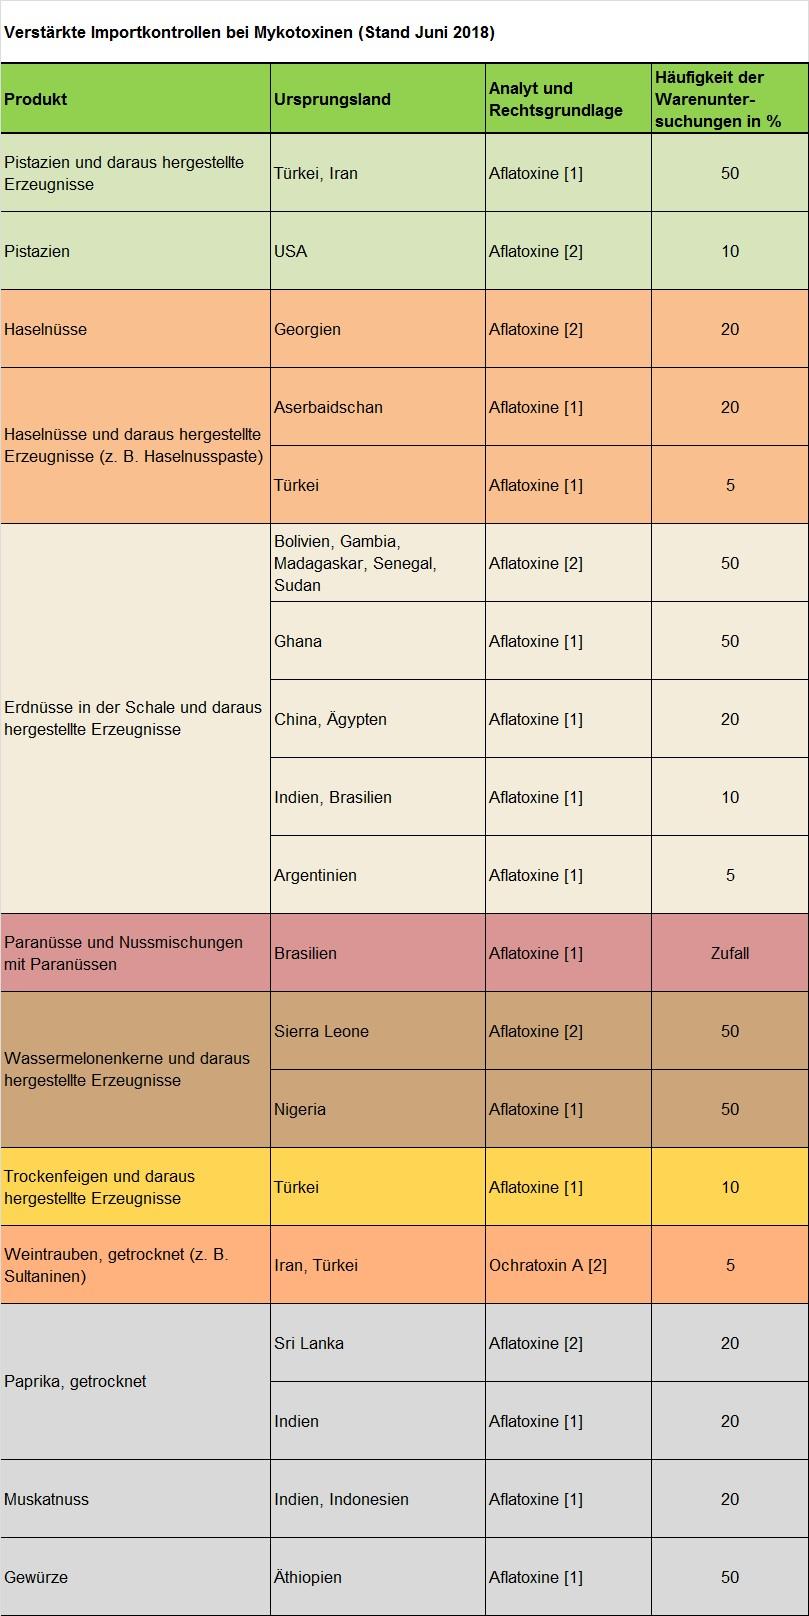 Tabelle 1 als Grafik. Quelle: CVUA Sigmaringen.